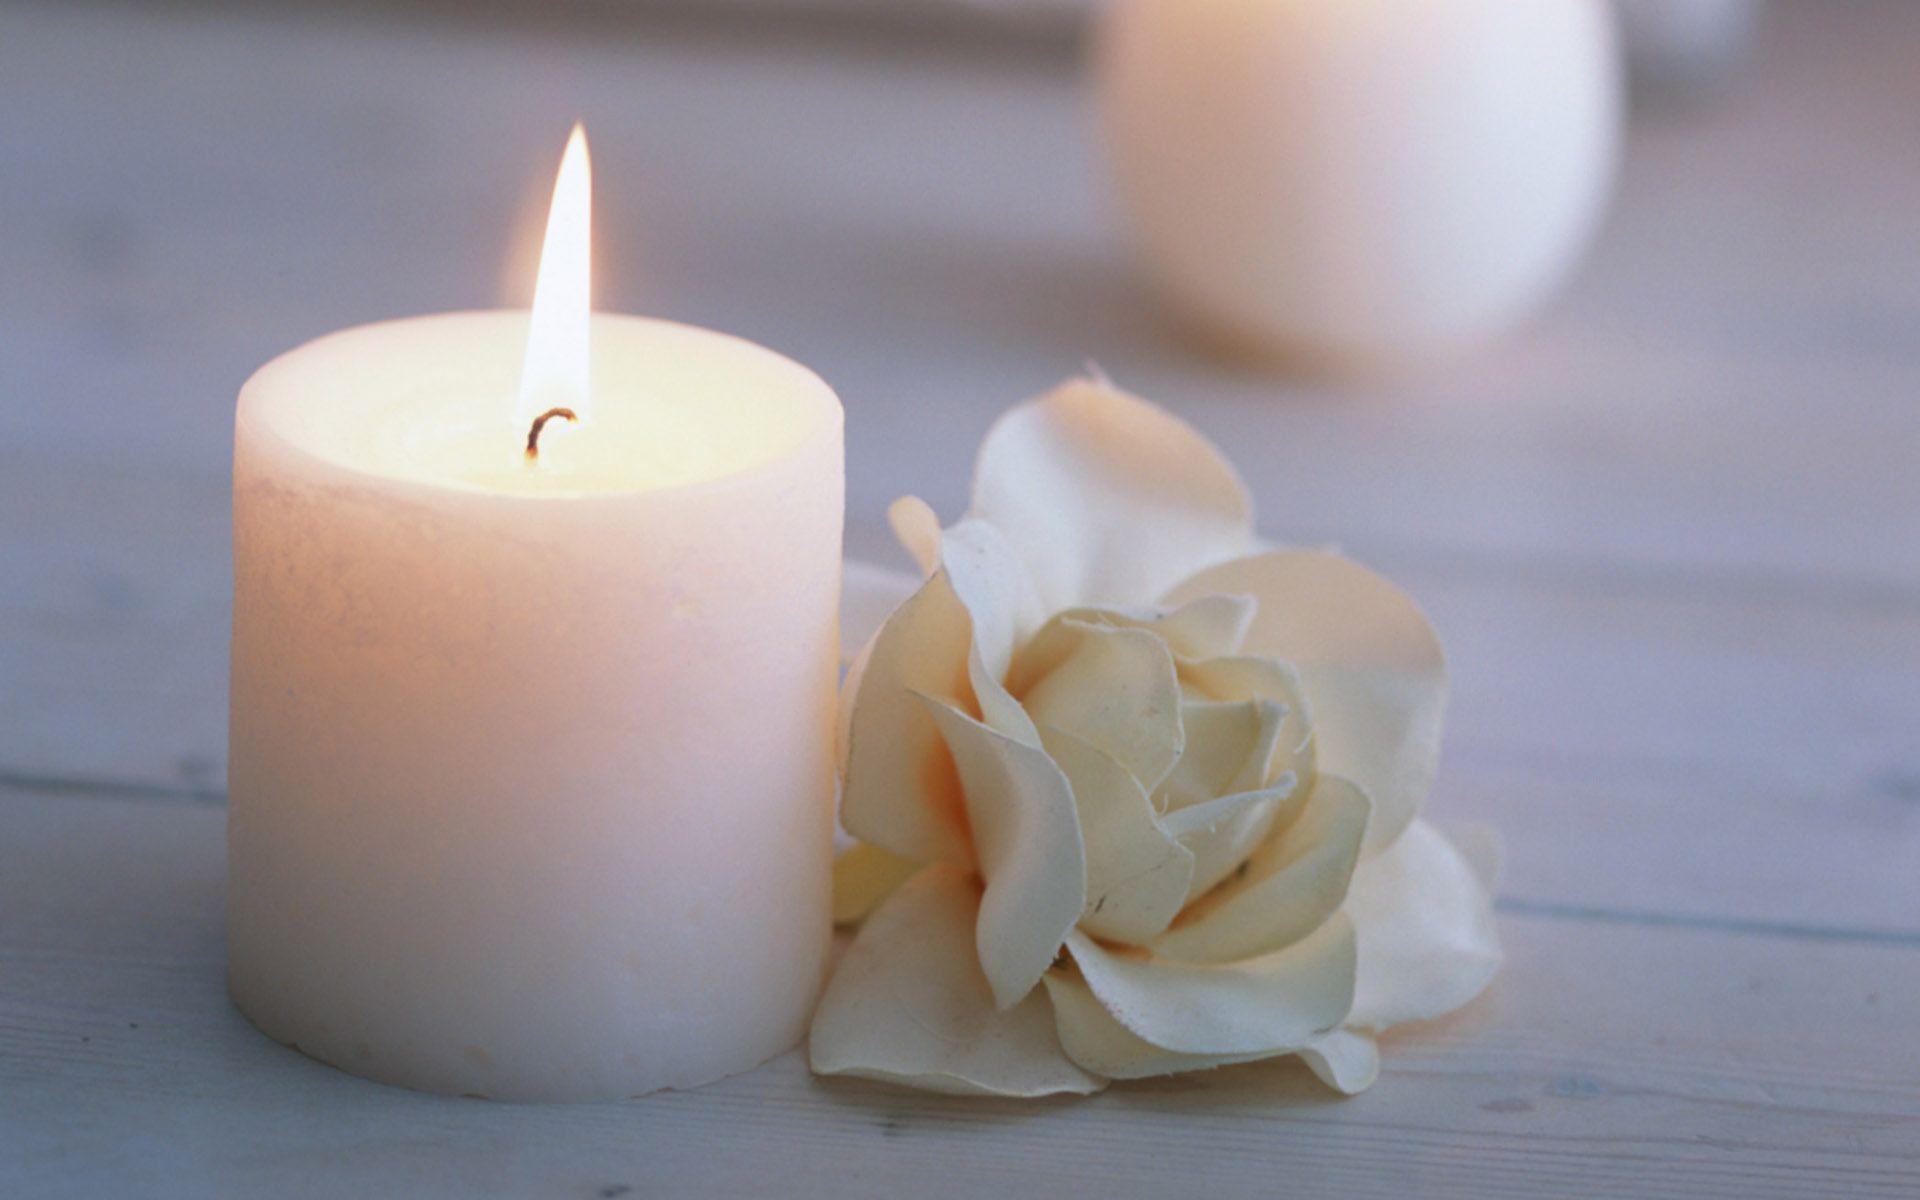 burning candle image